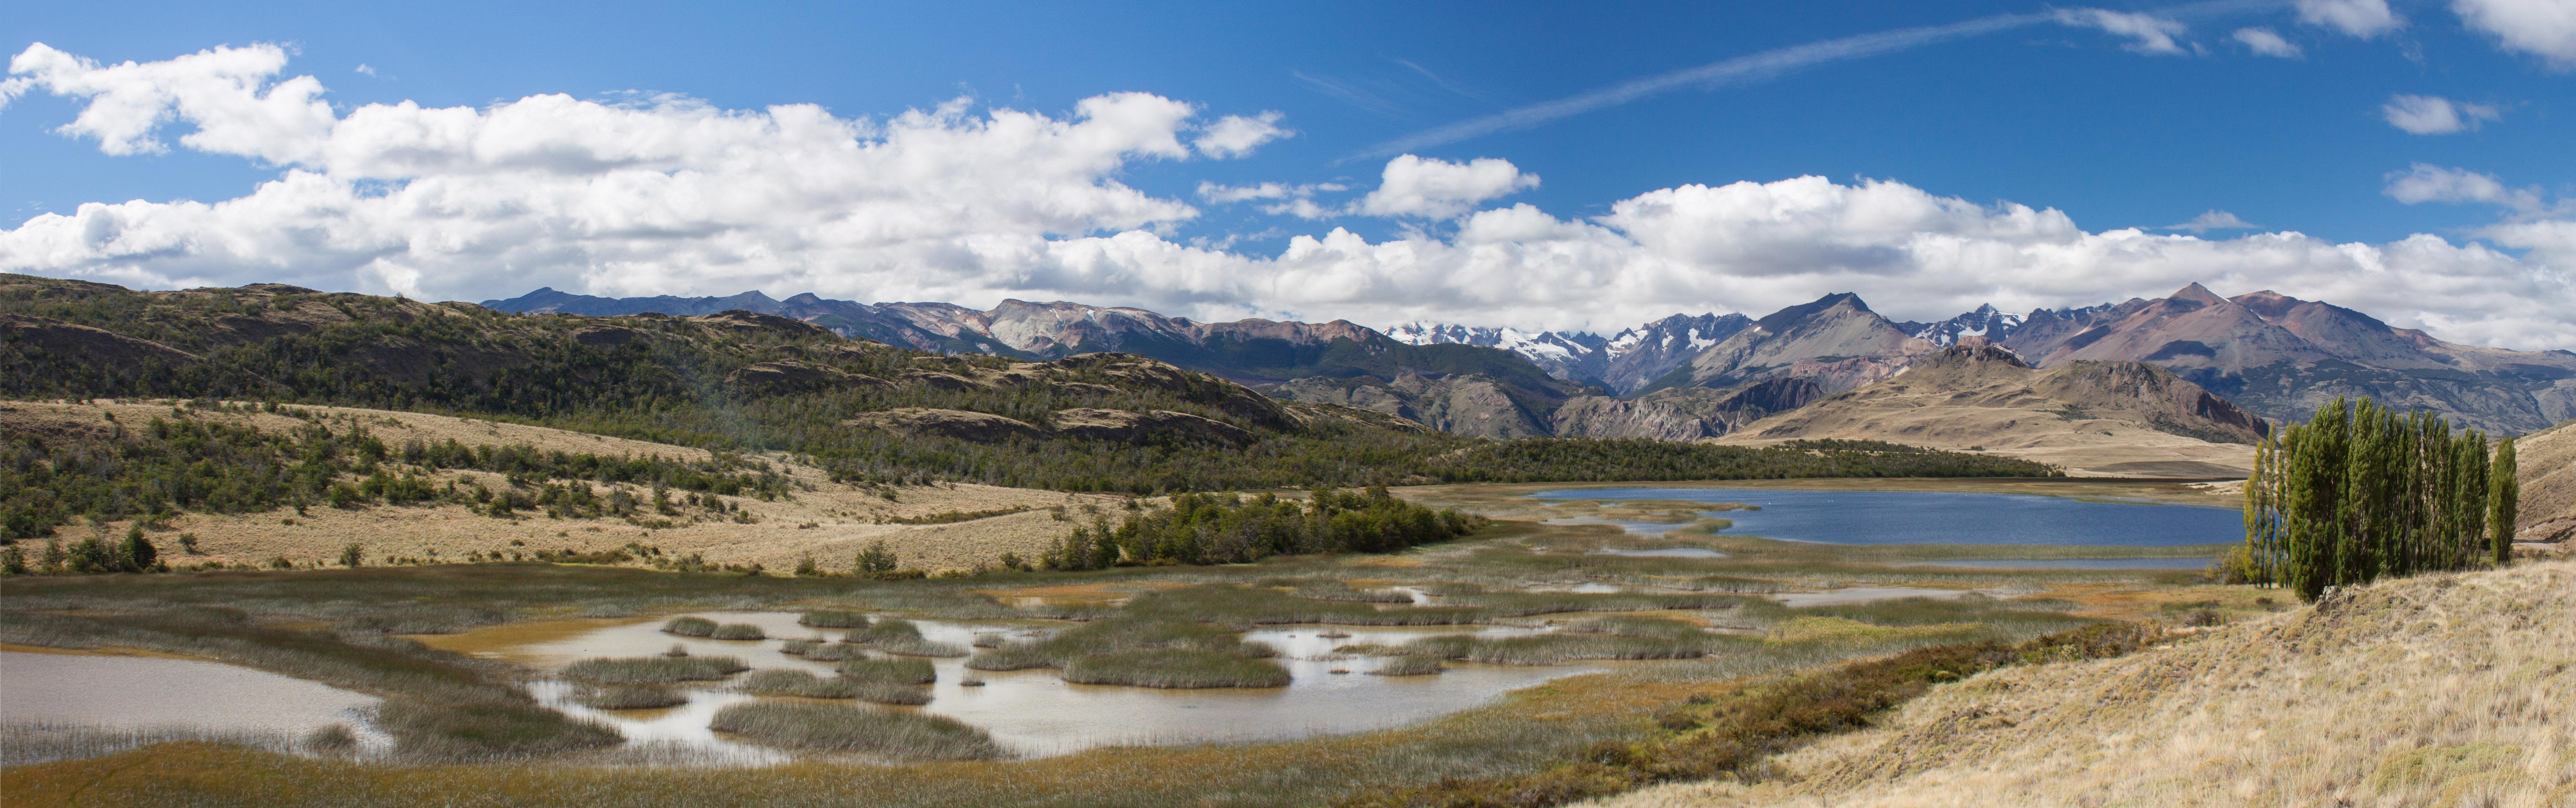 Parque Patagonia.